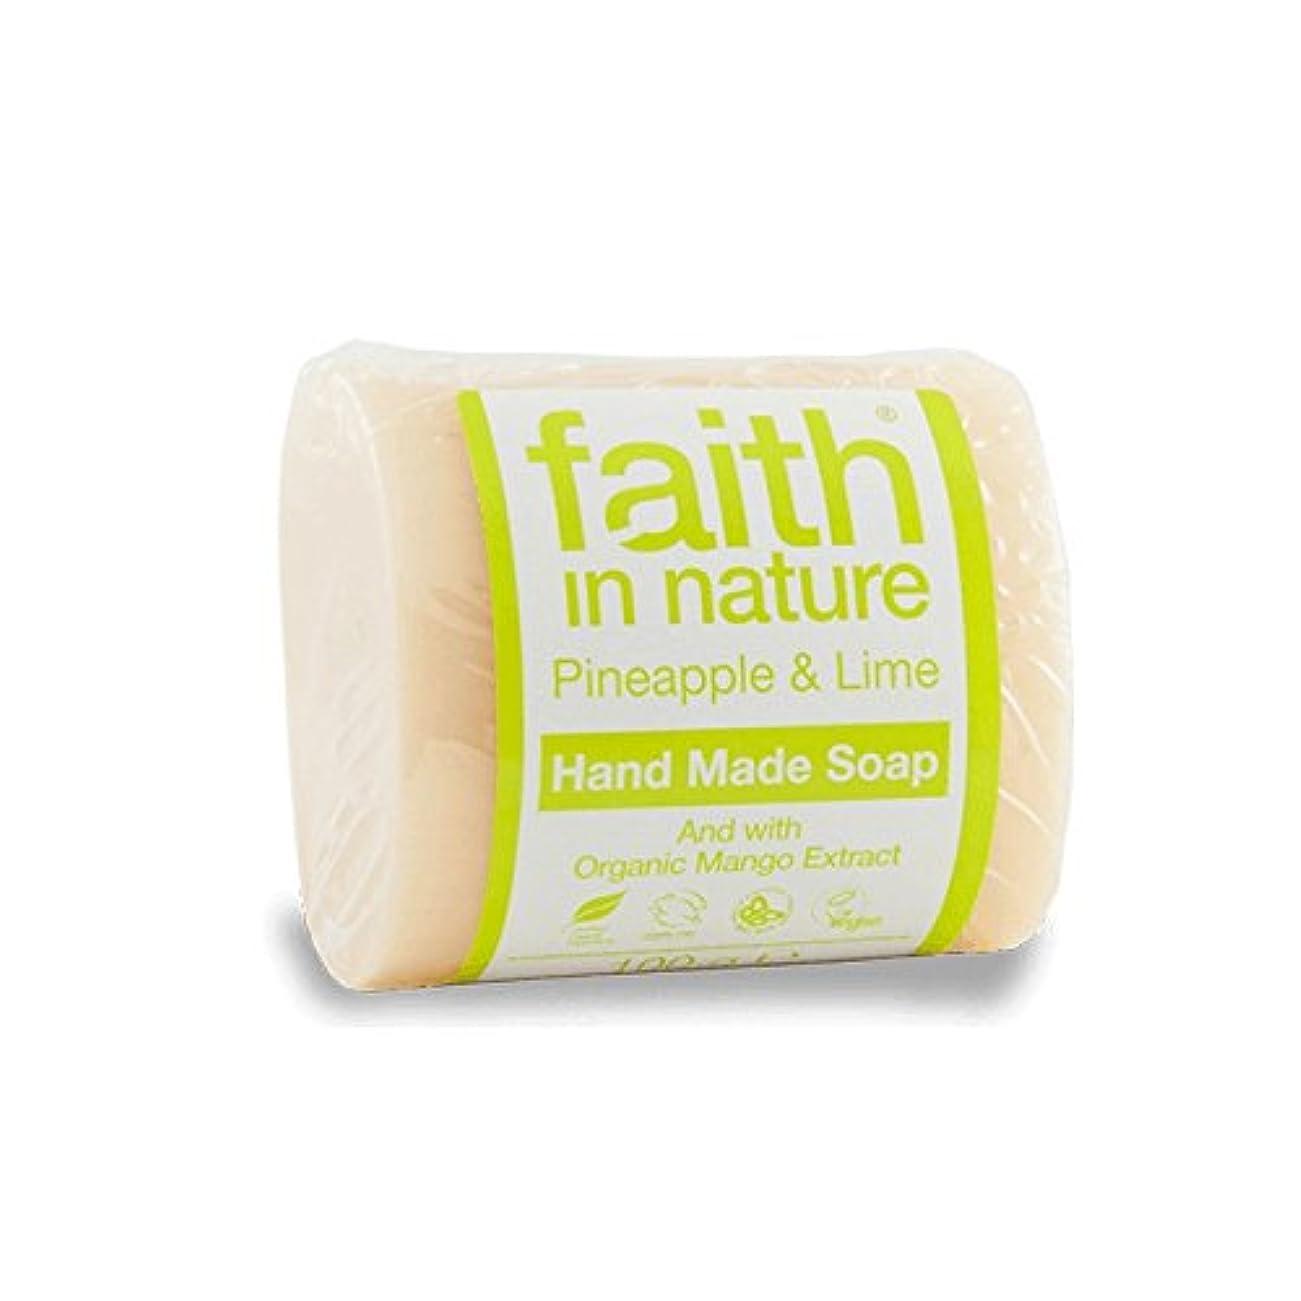 明らかにする困った画家Faith in Nature Pineapple & Lime Soap 100g (Pack of 2) - 自然パイナップル&ライムソープ100グラムの信仰 (x2) [並行輸入品]